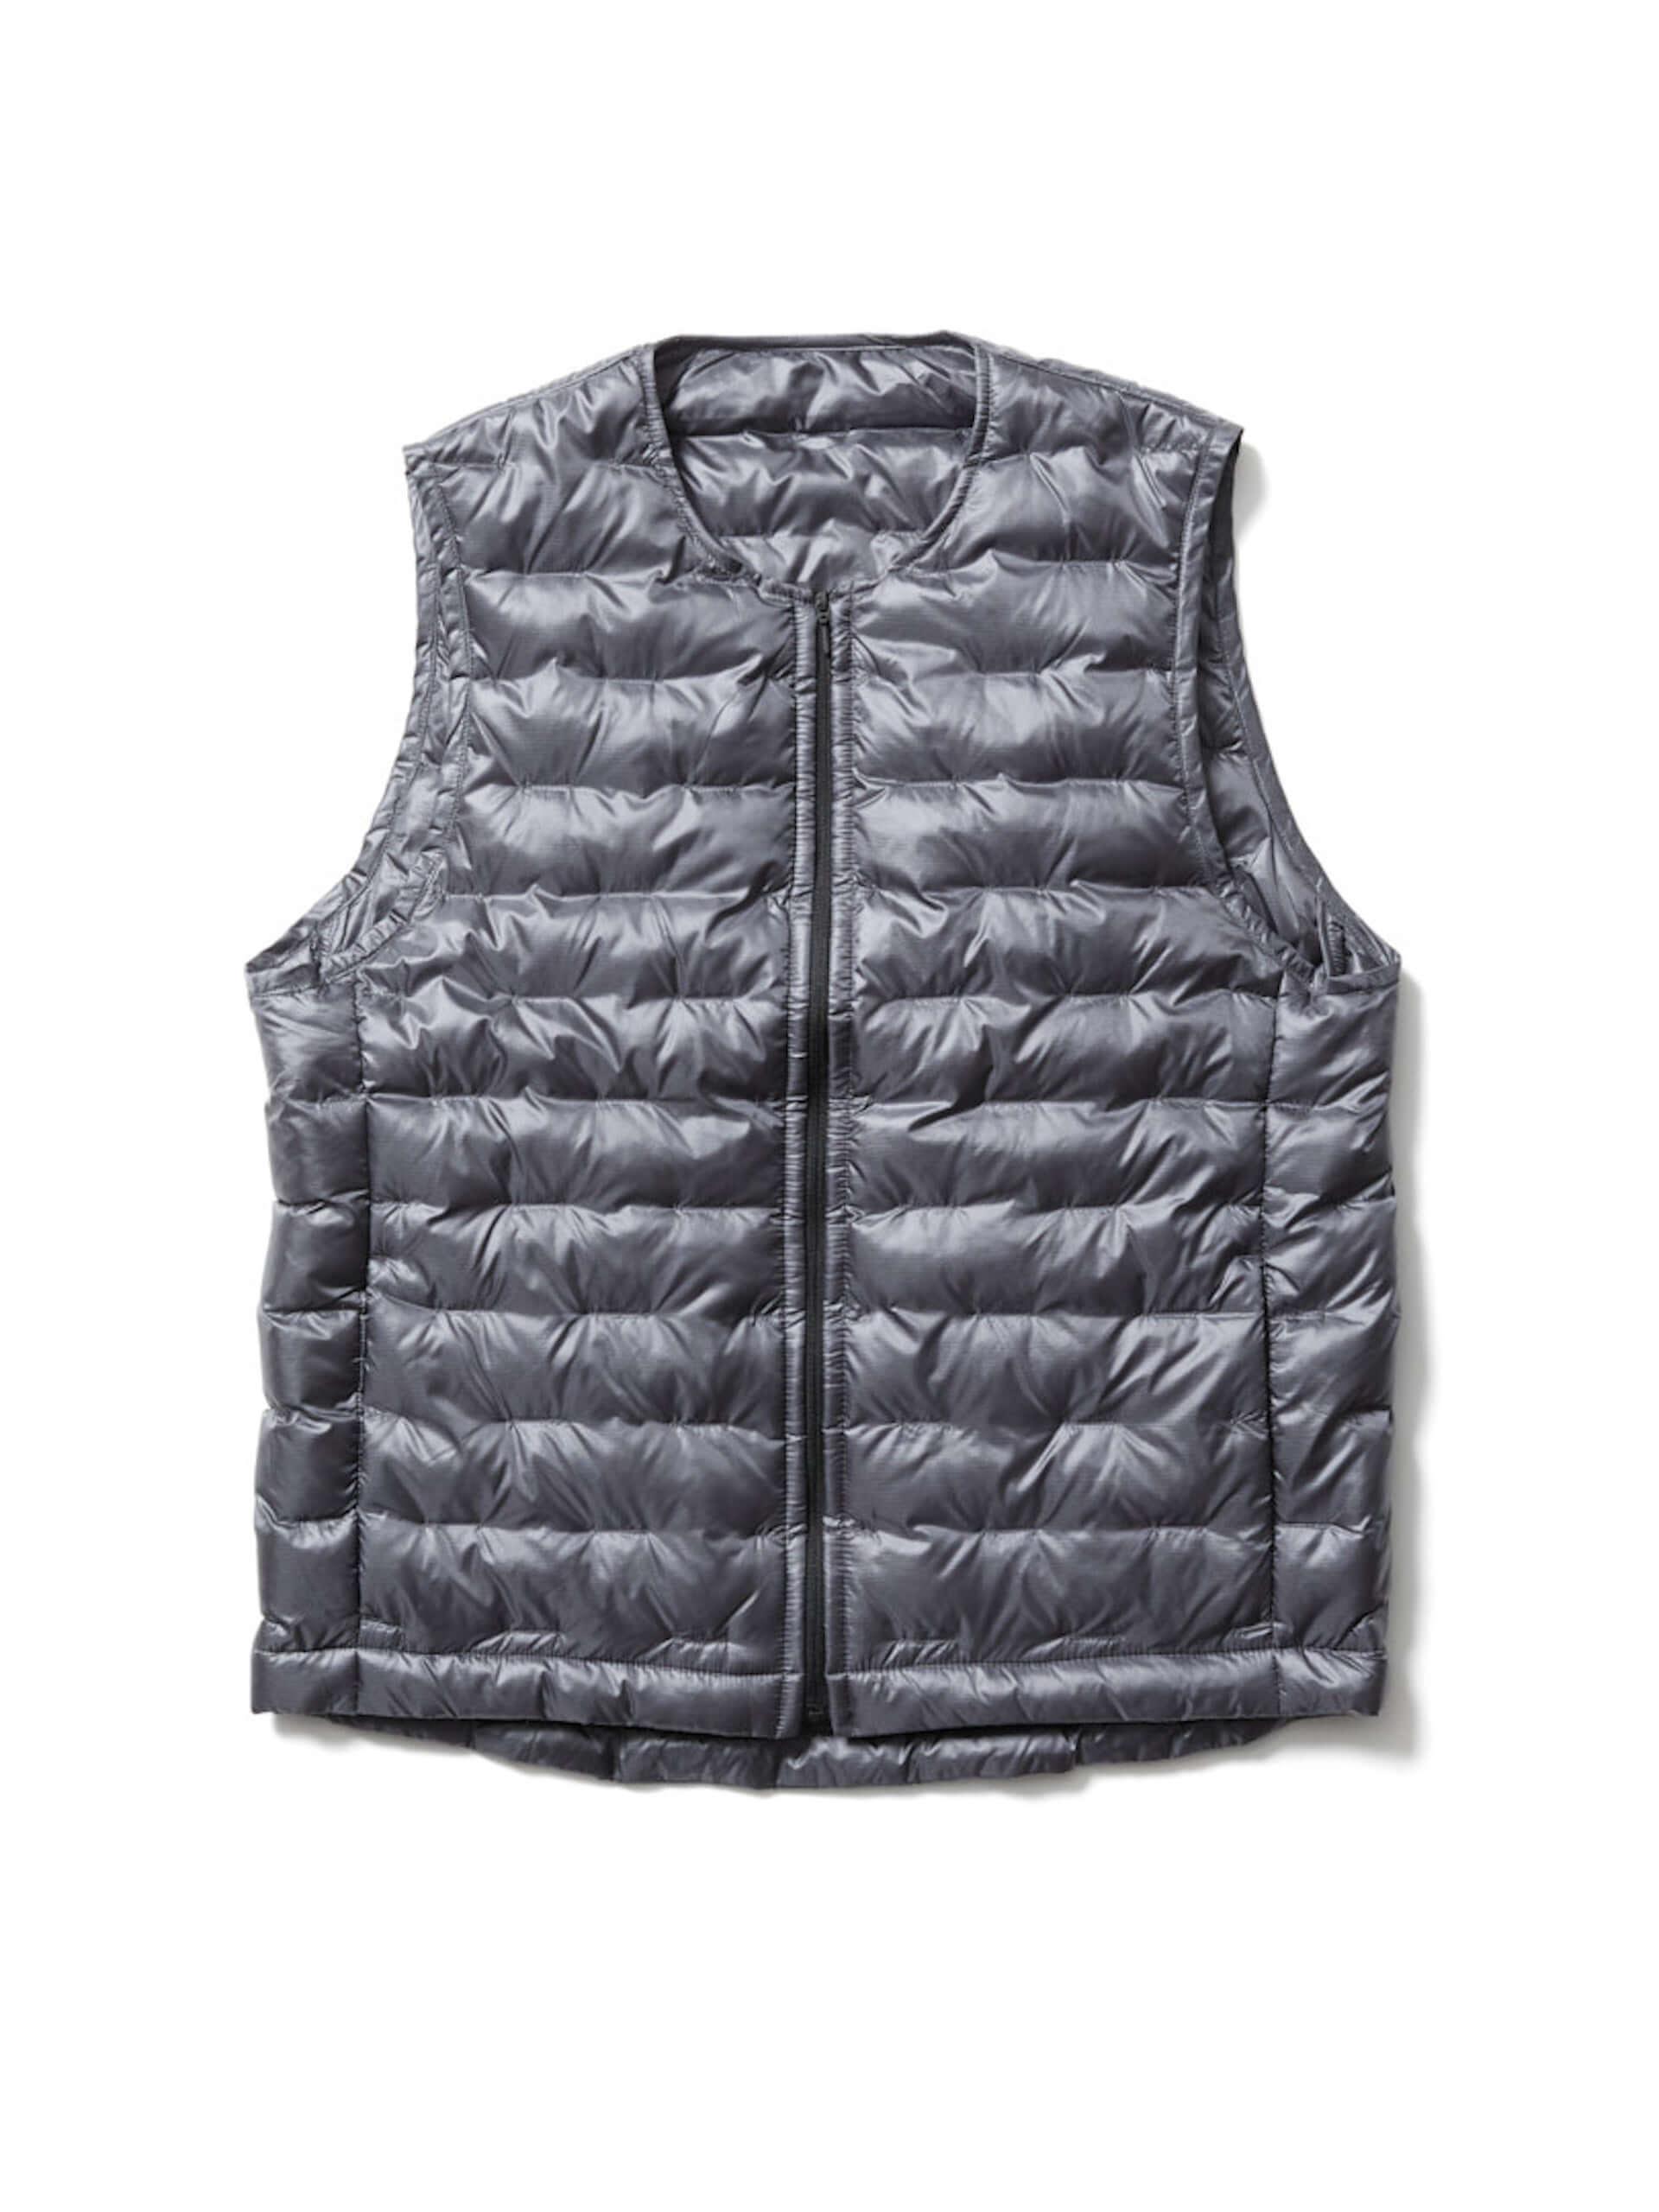 フィッシングにも最適!D-VECから防寒性に優れたジャケットやベスト、パーカーなど最新アイテムが登場 lf210107_d-vec_2-1920x2560